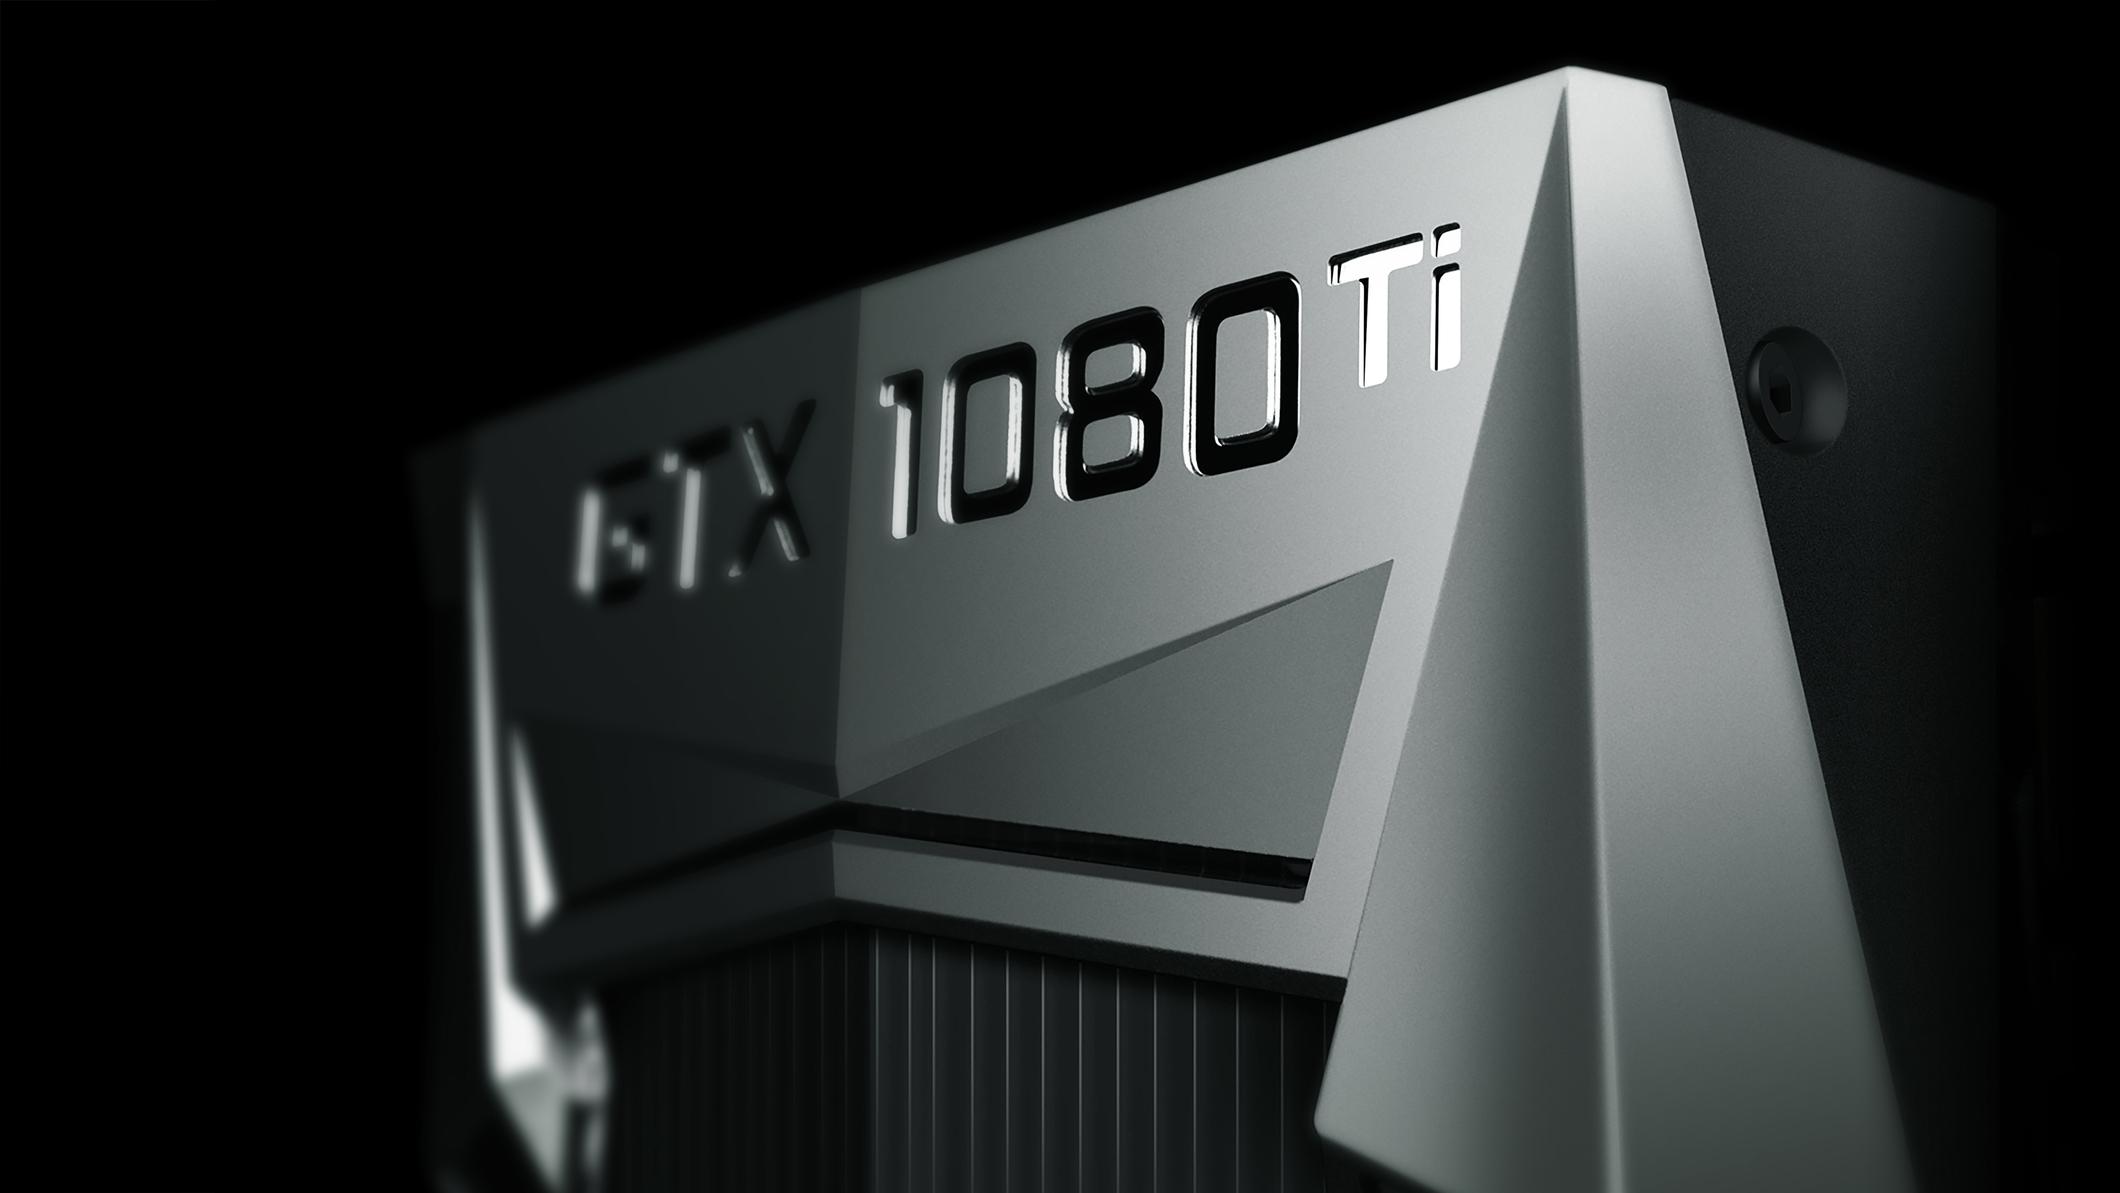 NVIDIA's GTX 1080 Ti GPU against a black background.